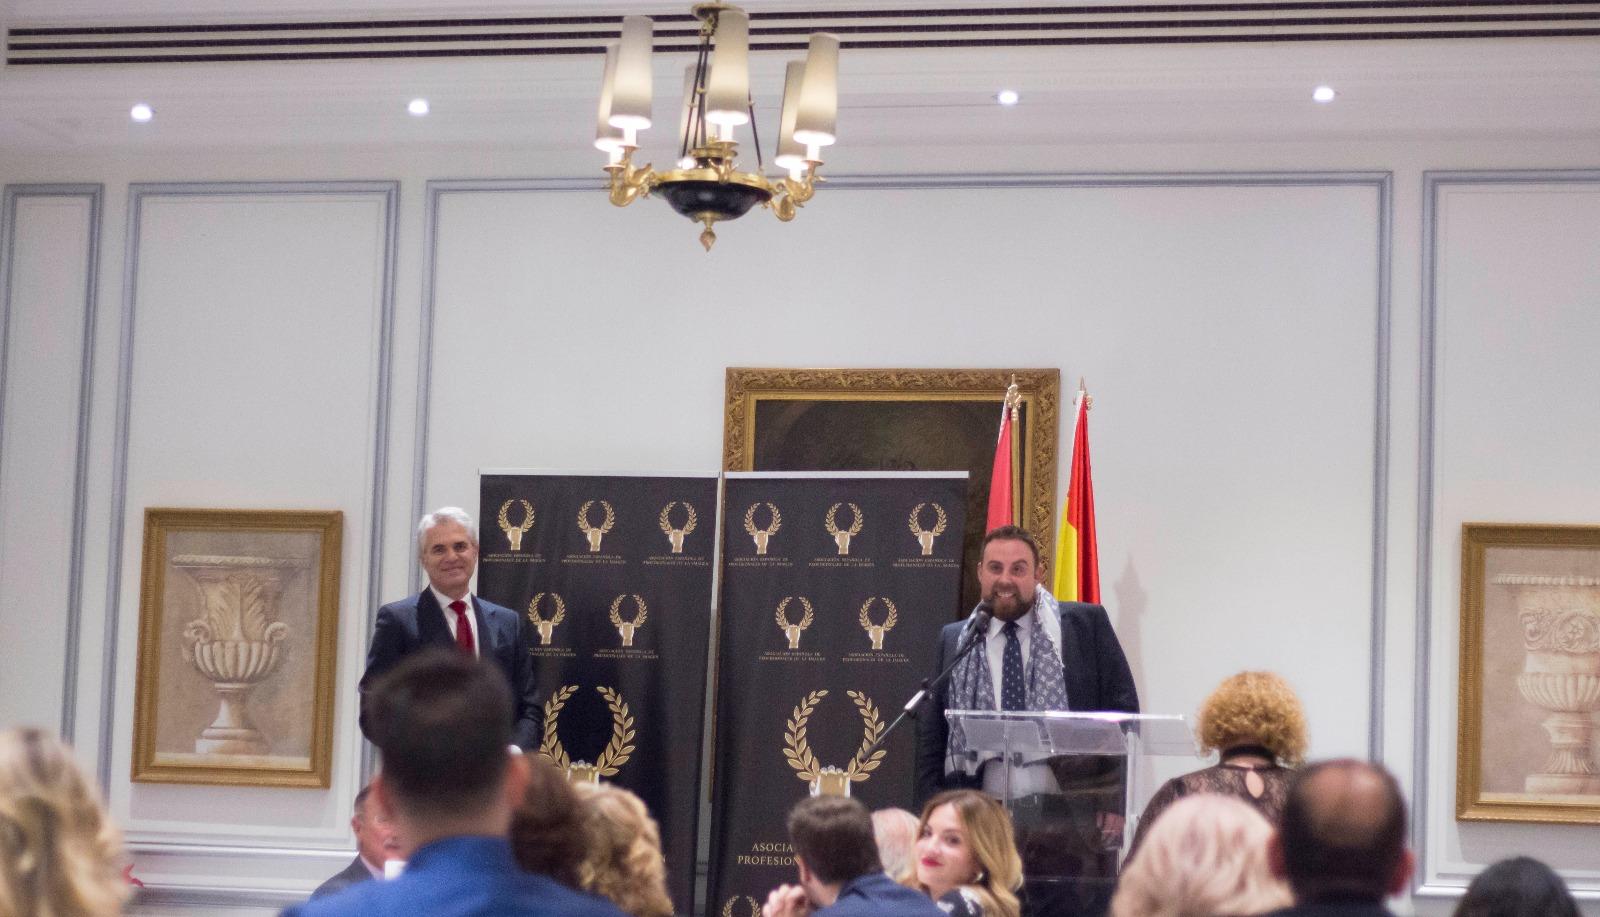 LuxStyle Consulting; Medalla de Oro De La Asociación Española de Profesionales De La Imagen